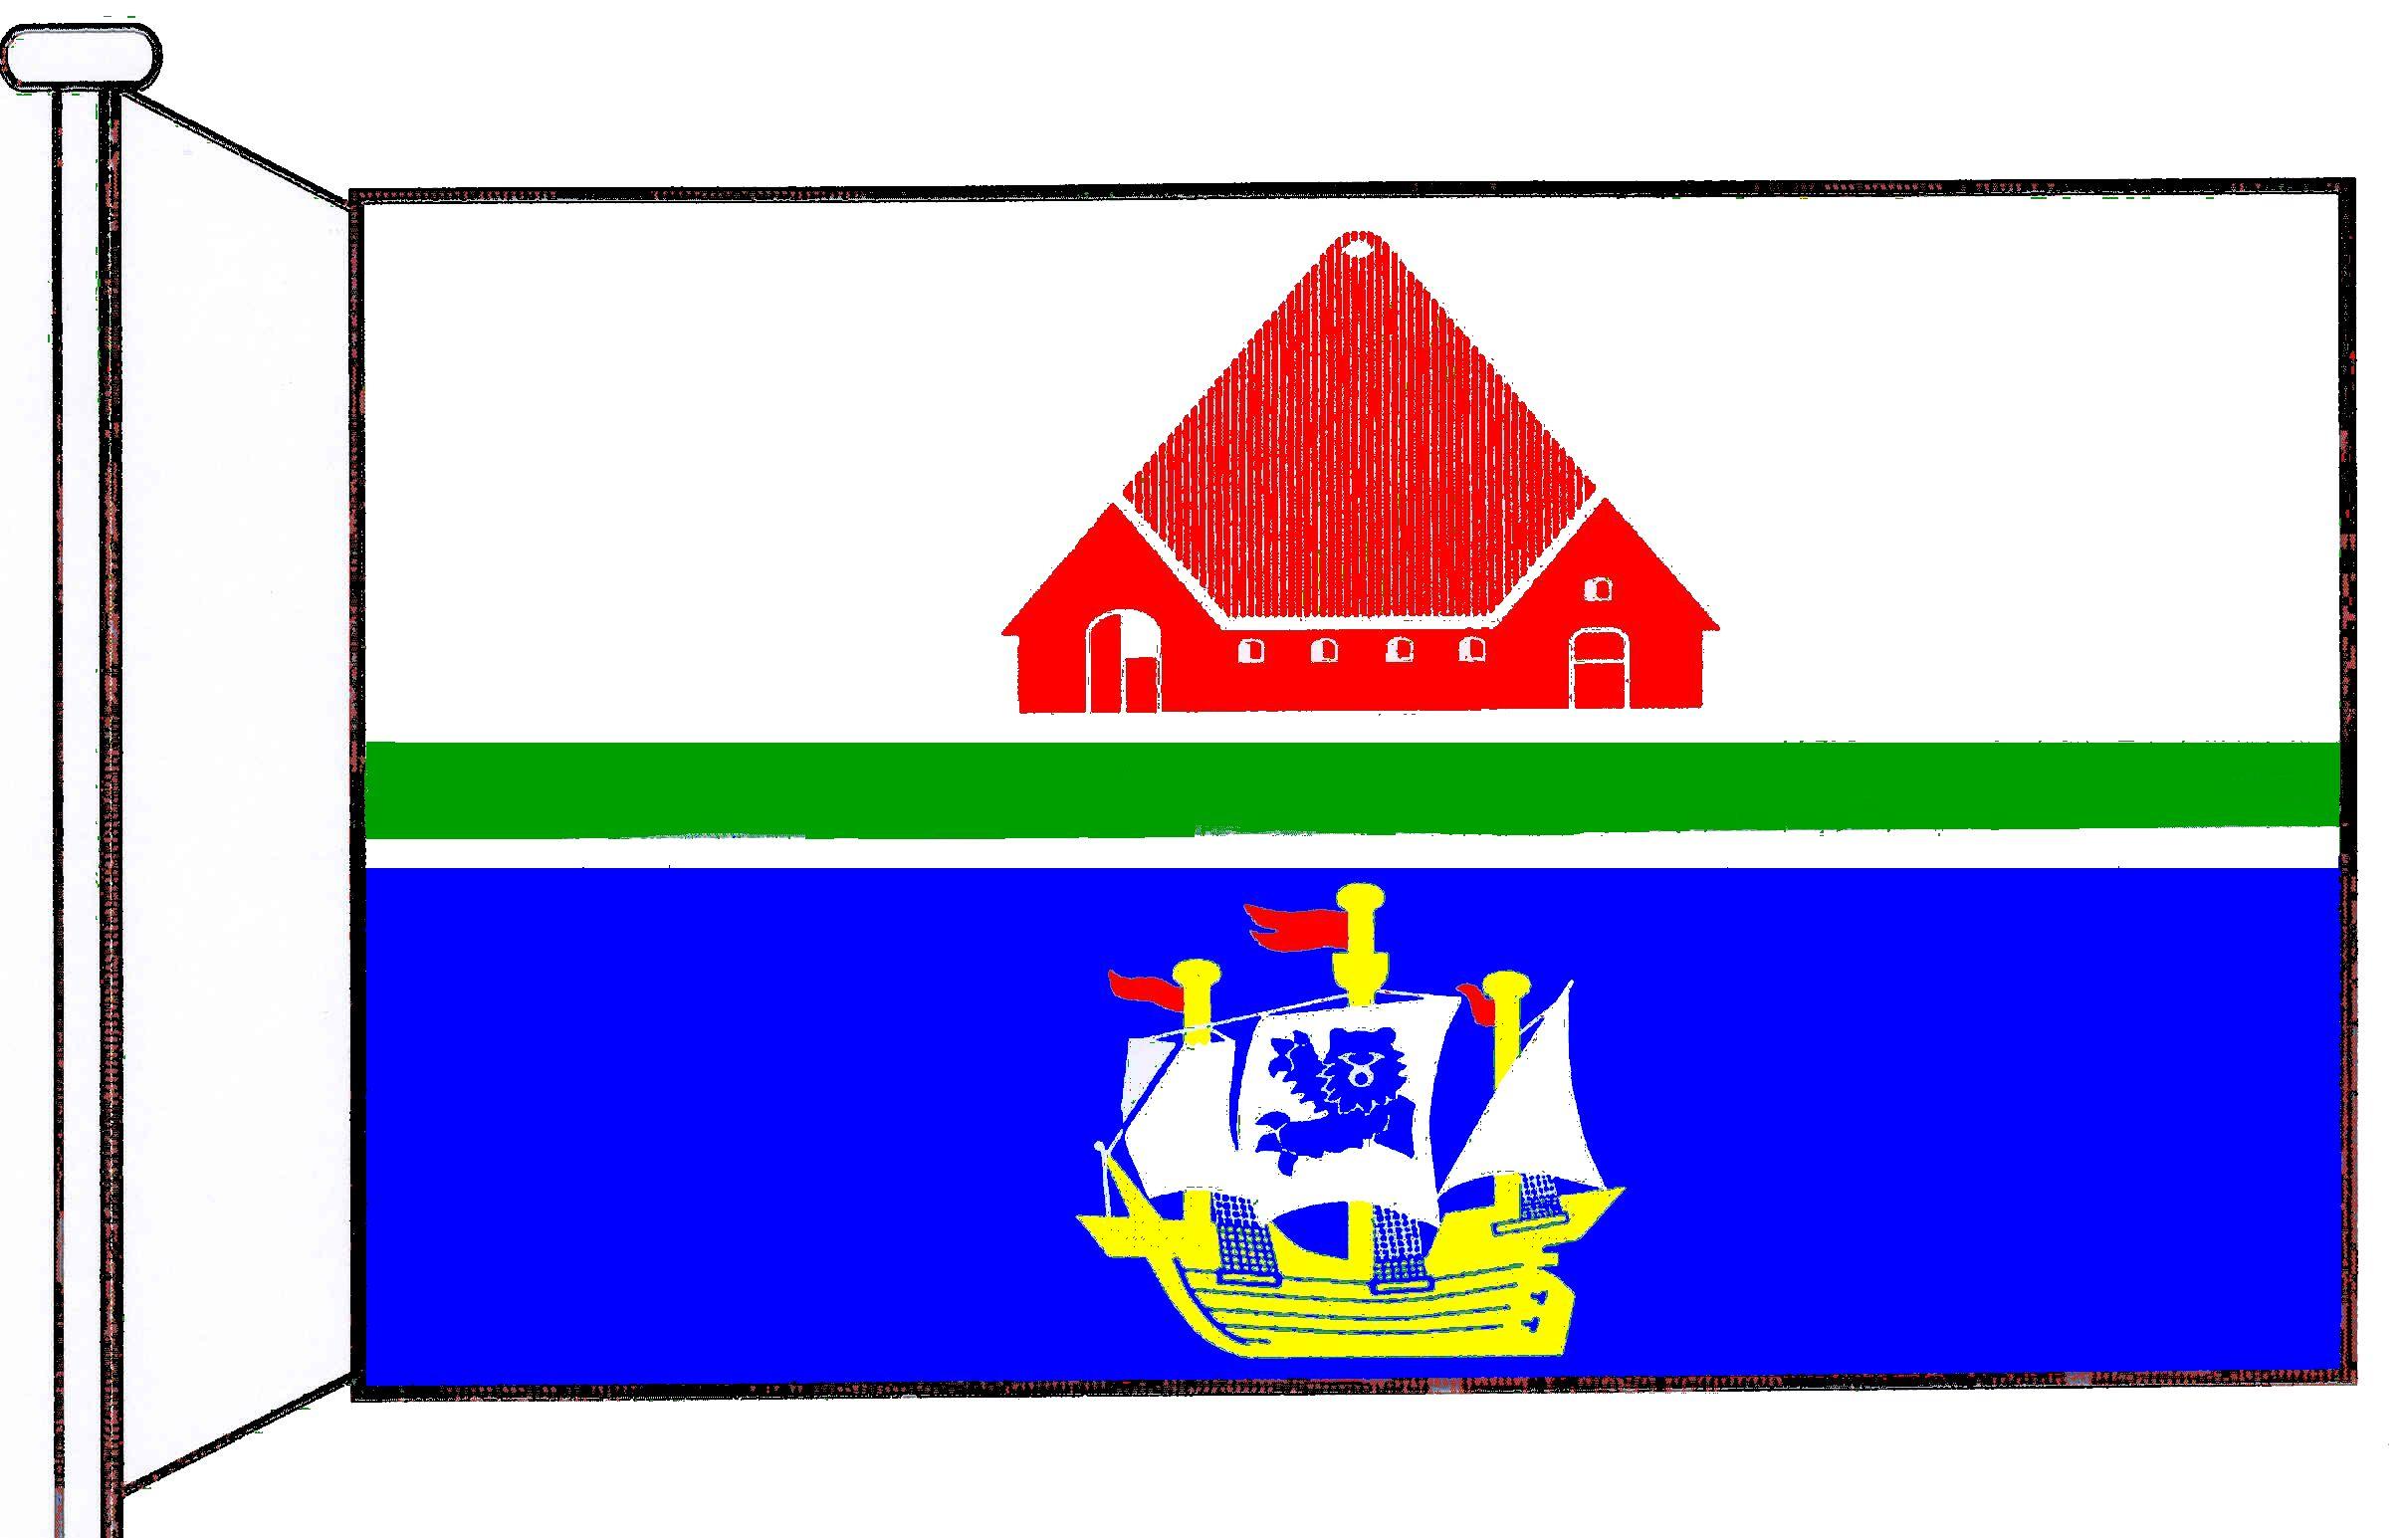 Flagge GemeindeTating, Kreis Nordfriesland